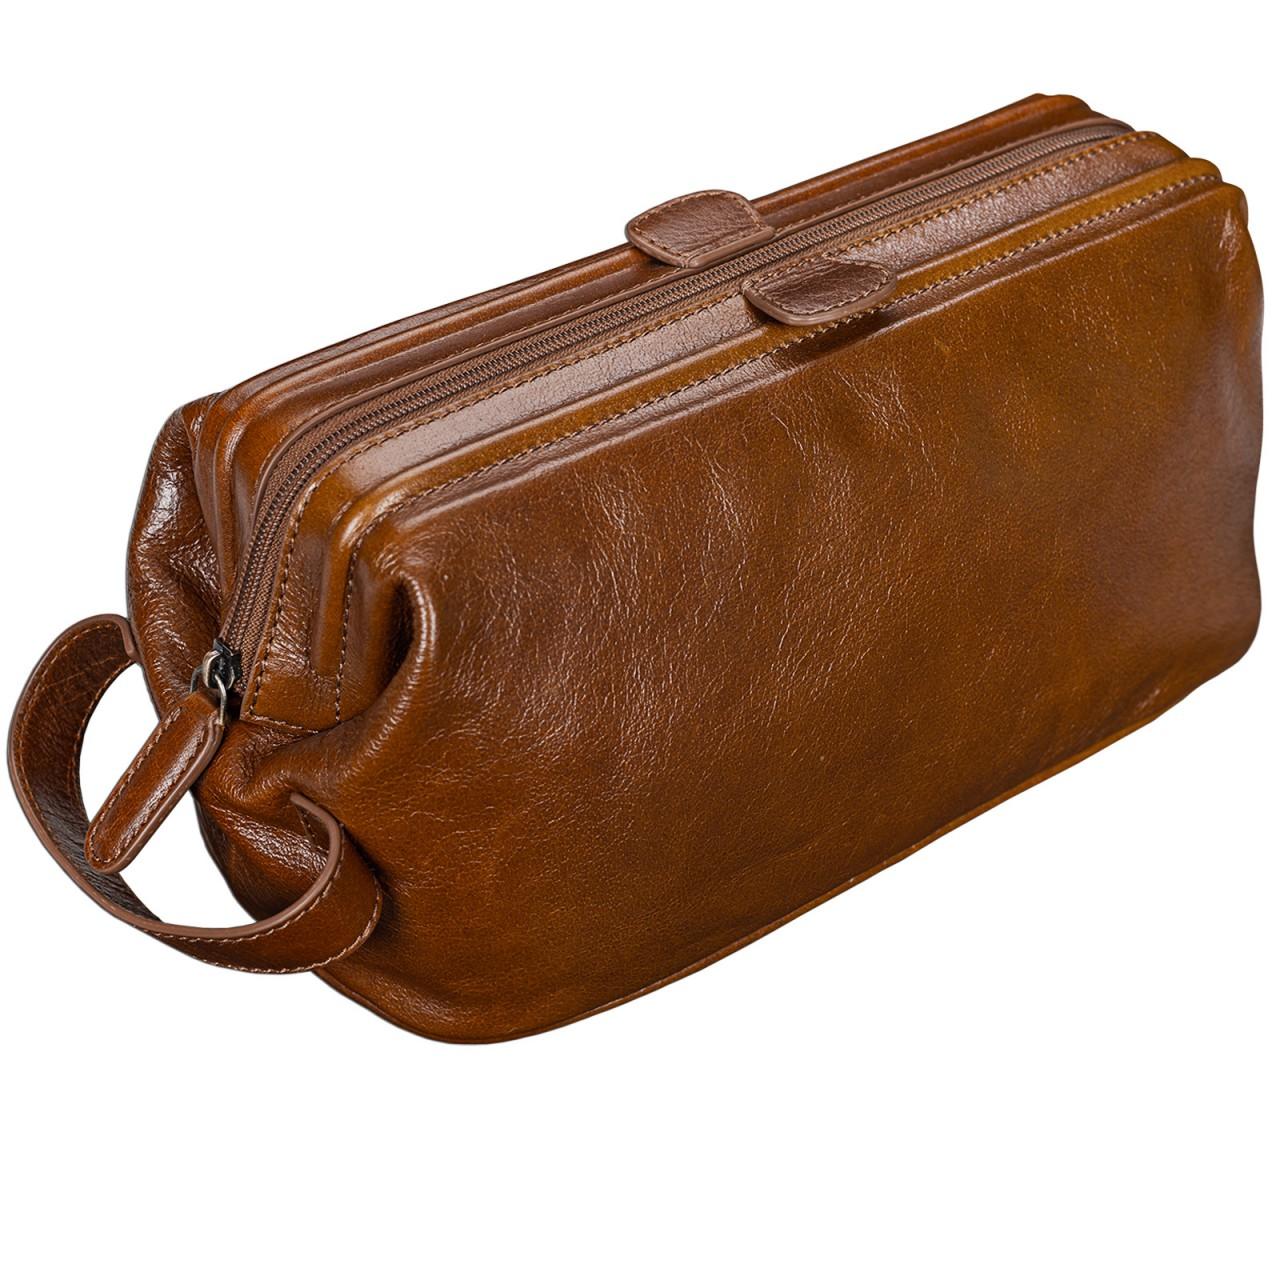 STILORD edler Kulturbeutel groß Kulturtasche mit Henkel Waschtasche für Reisen mit Fächern Vintage Echtleder cognac braun - Bild 1